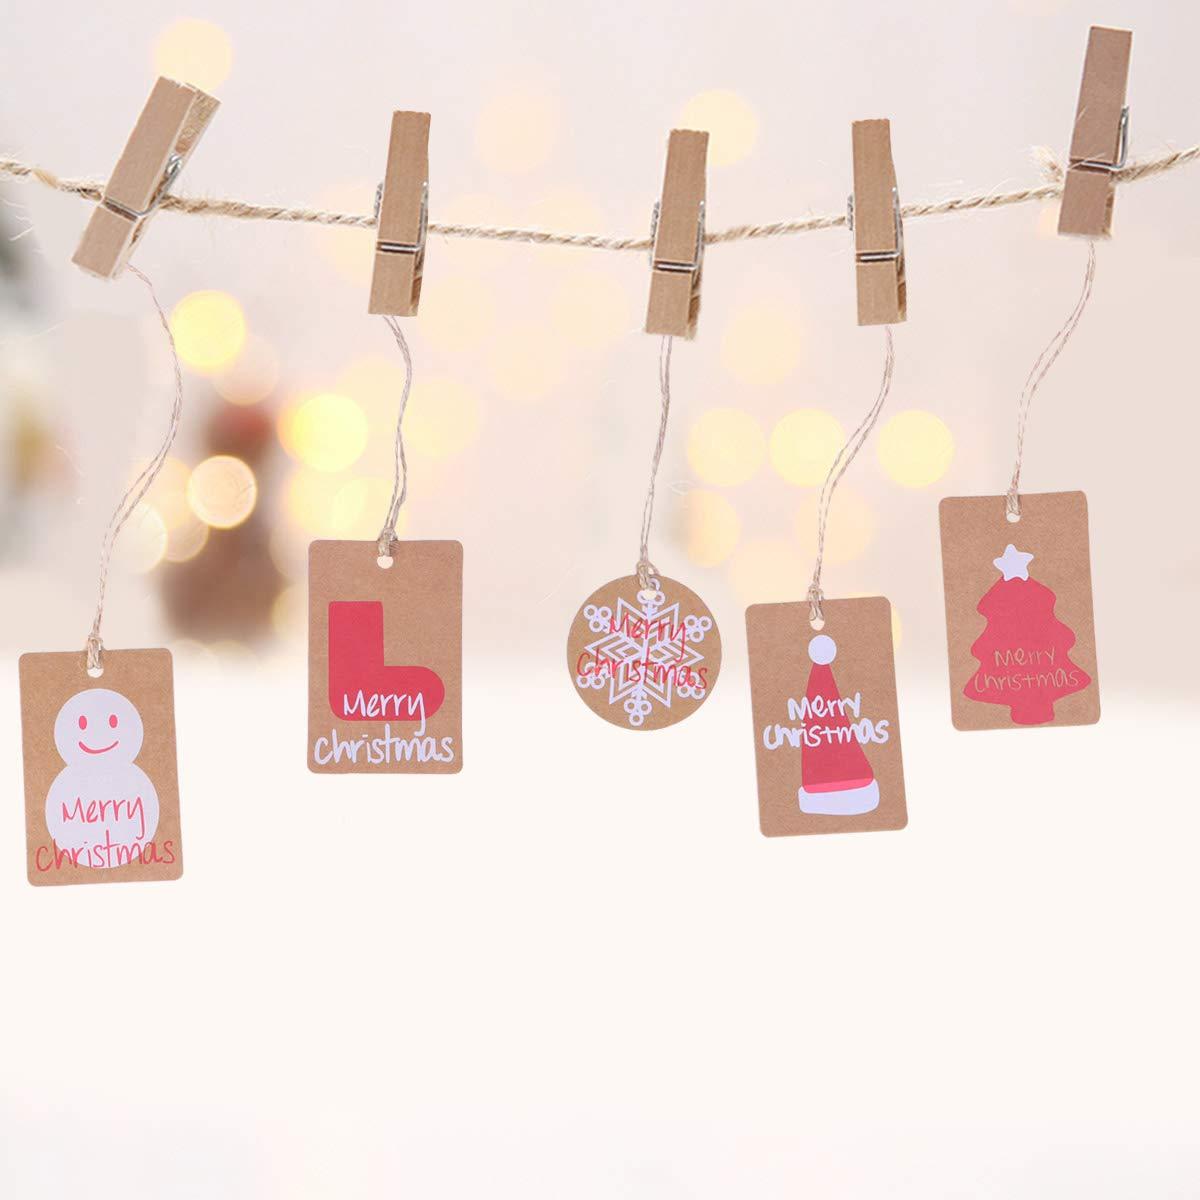 SUPVOX 100pcs Tag di Carta di Natale Tag Favore Tag Regalo Tabella Nome Tag segnaposto in Bianco Natale Hang Tag Tag di Carta Kraft con Iuta Colorata